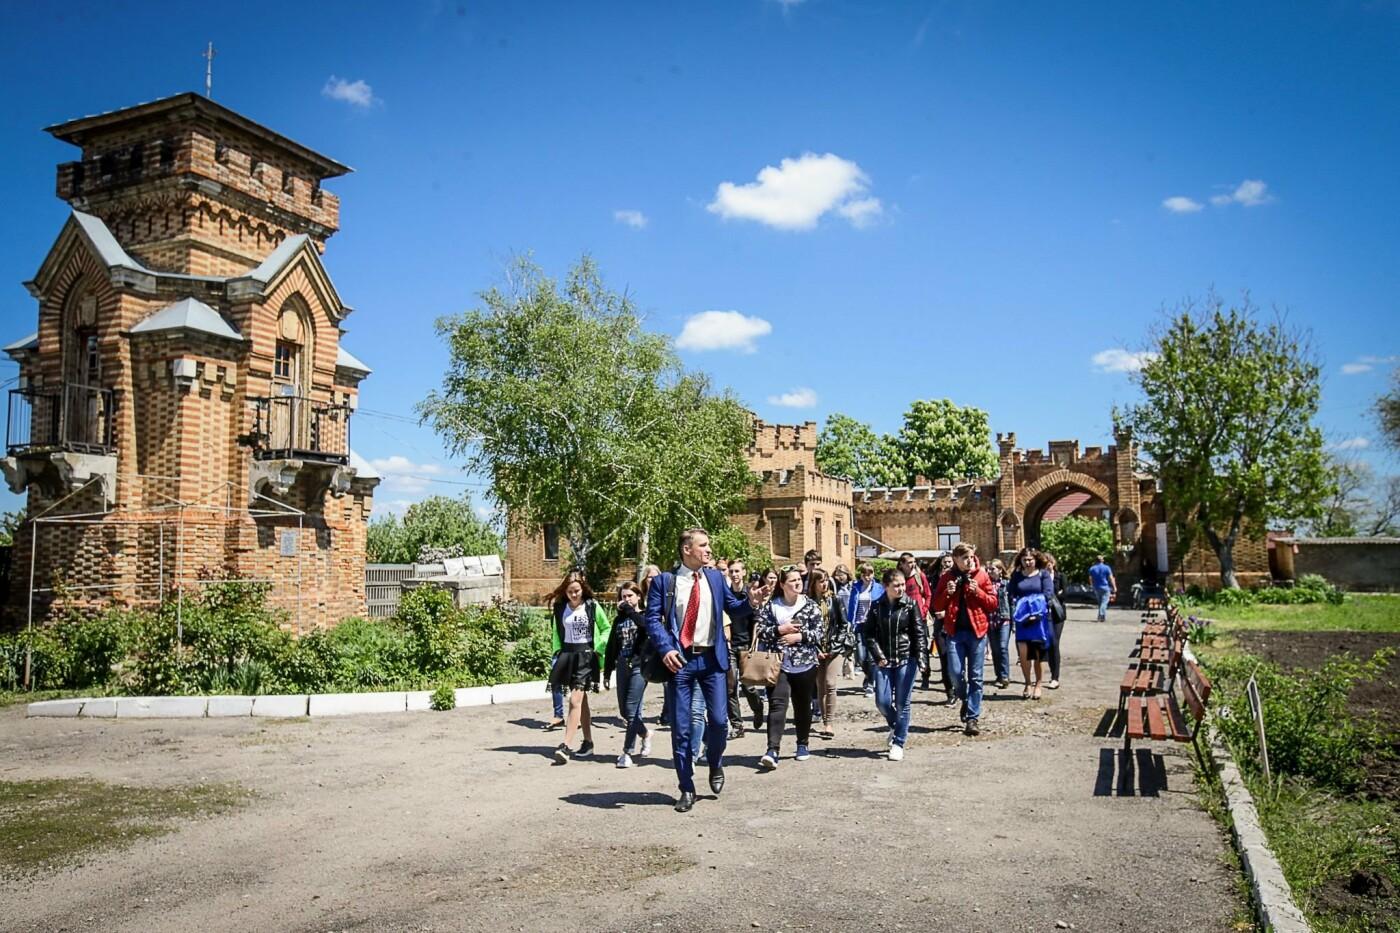 Маршруты выходного дня: не скучаем на карантине, а изучаем Запорожскую область и открываем секреты родного города, фото-9